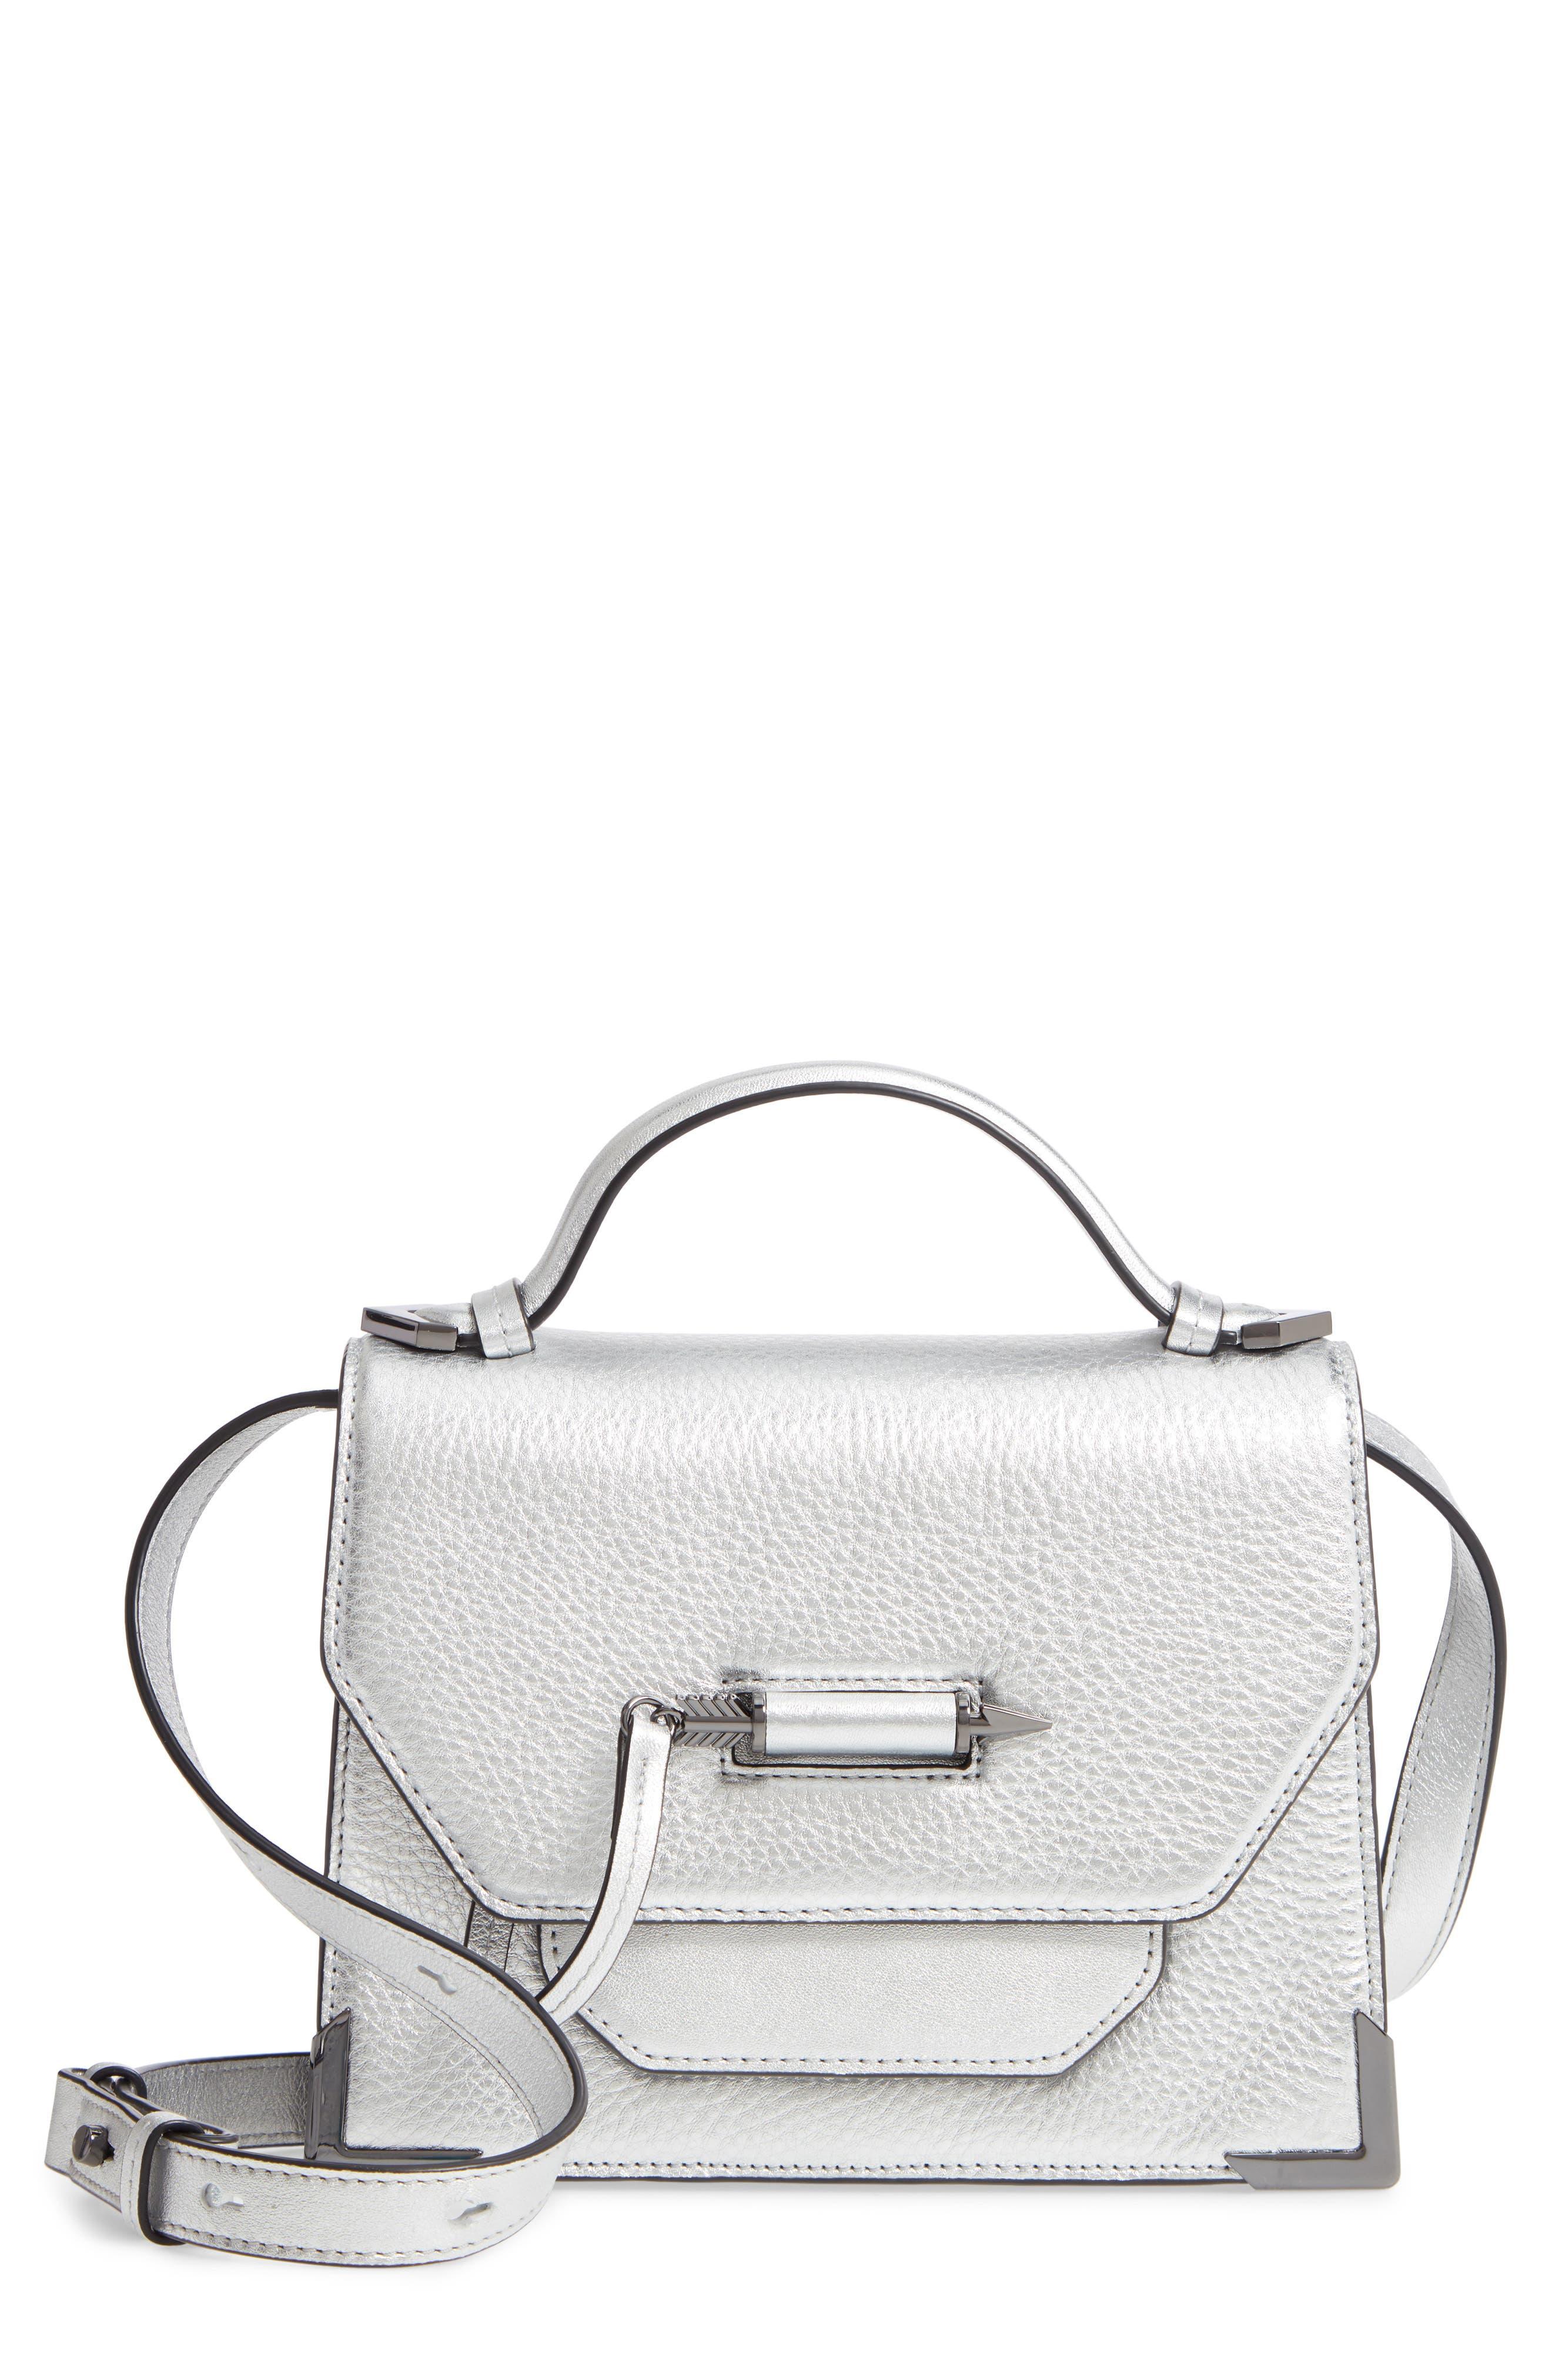 15b30210f6d $300 – $500 Handbags & Wallets for Women | Nordstrom